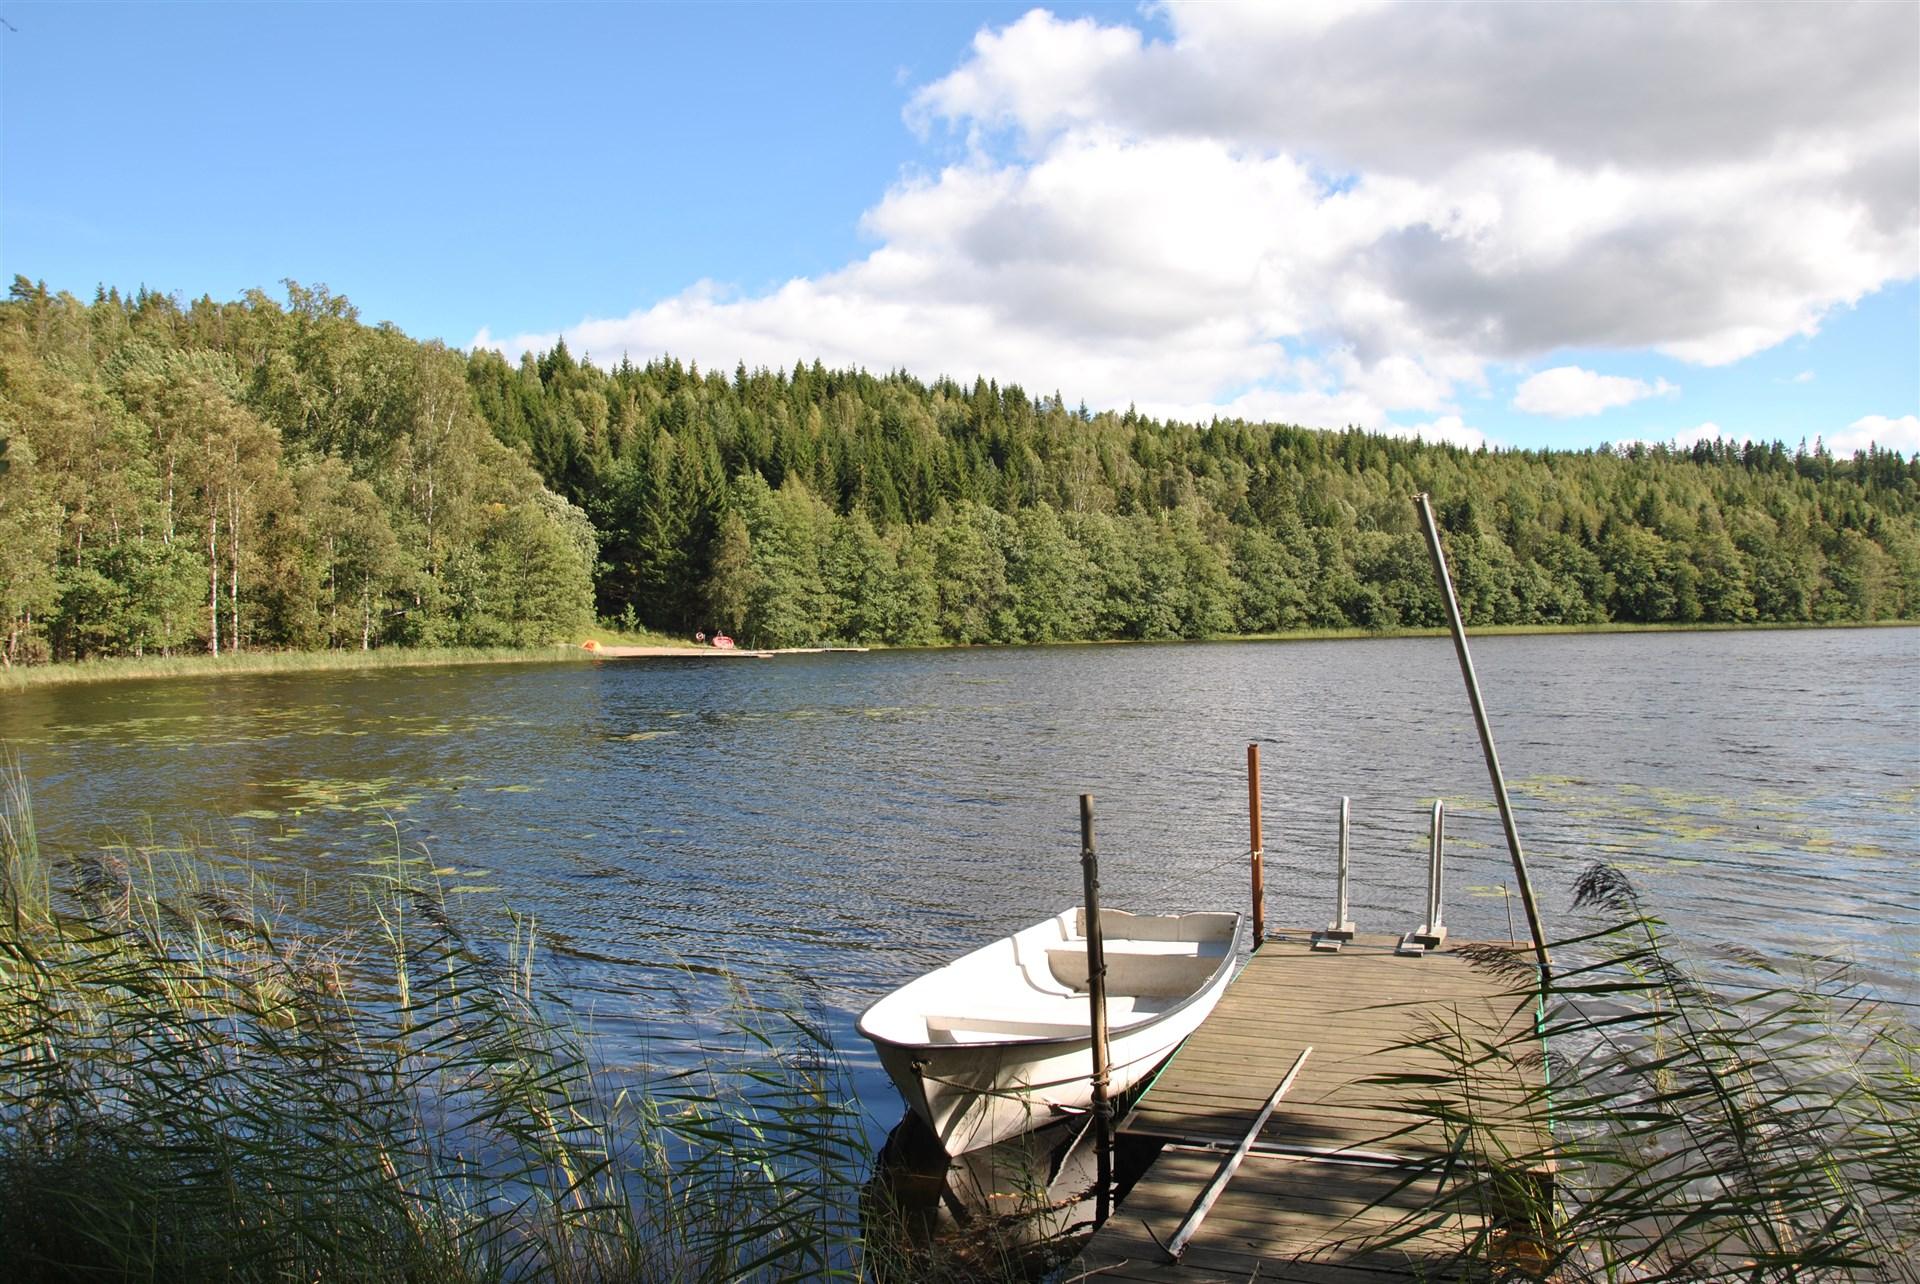 Ägarna har idag tillåtelse att ha egen brygga nere vid sjön. På andra sidan sjön ligger en kommunal badplats